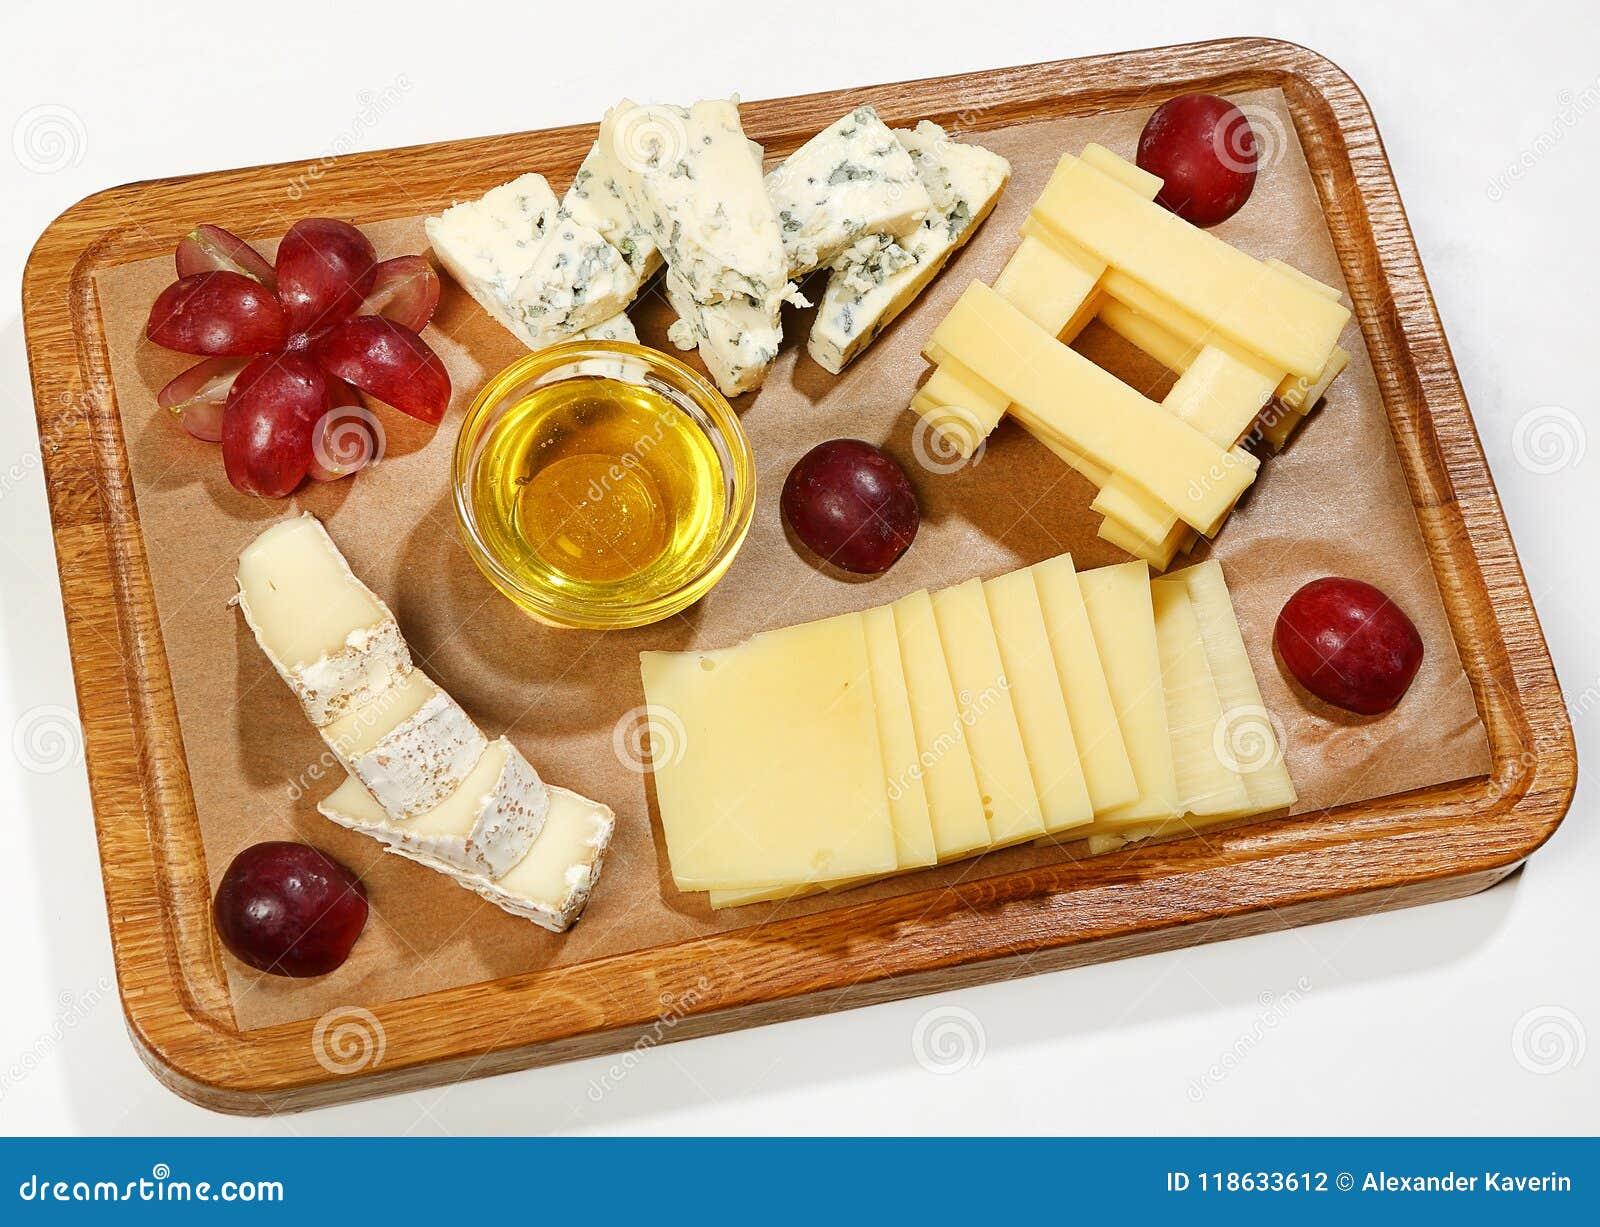 Le plat de fromage - camembert, fromage de Dorblu, parmesan, cheddar, Néerlandais, a servi avec des raisins, le miel et des noix